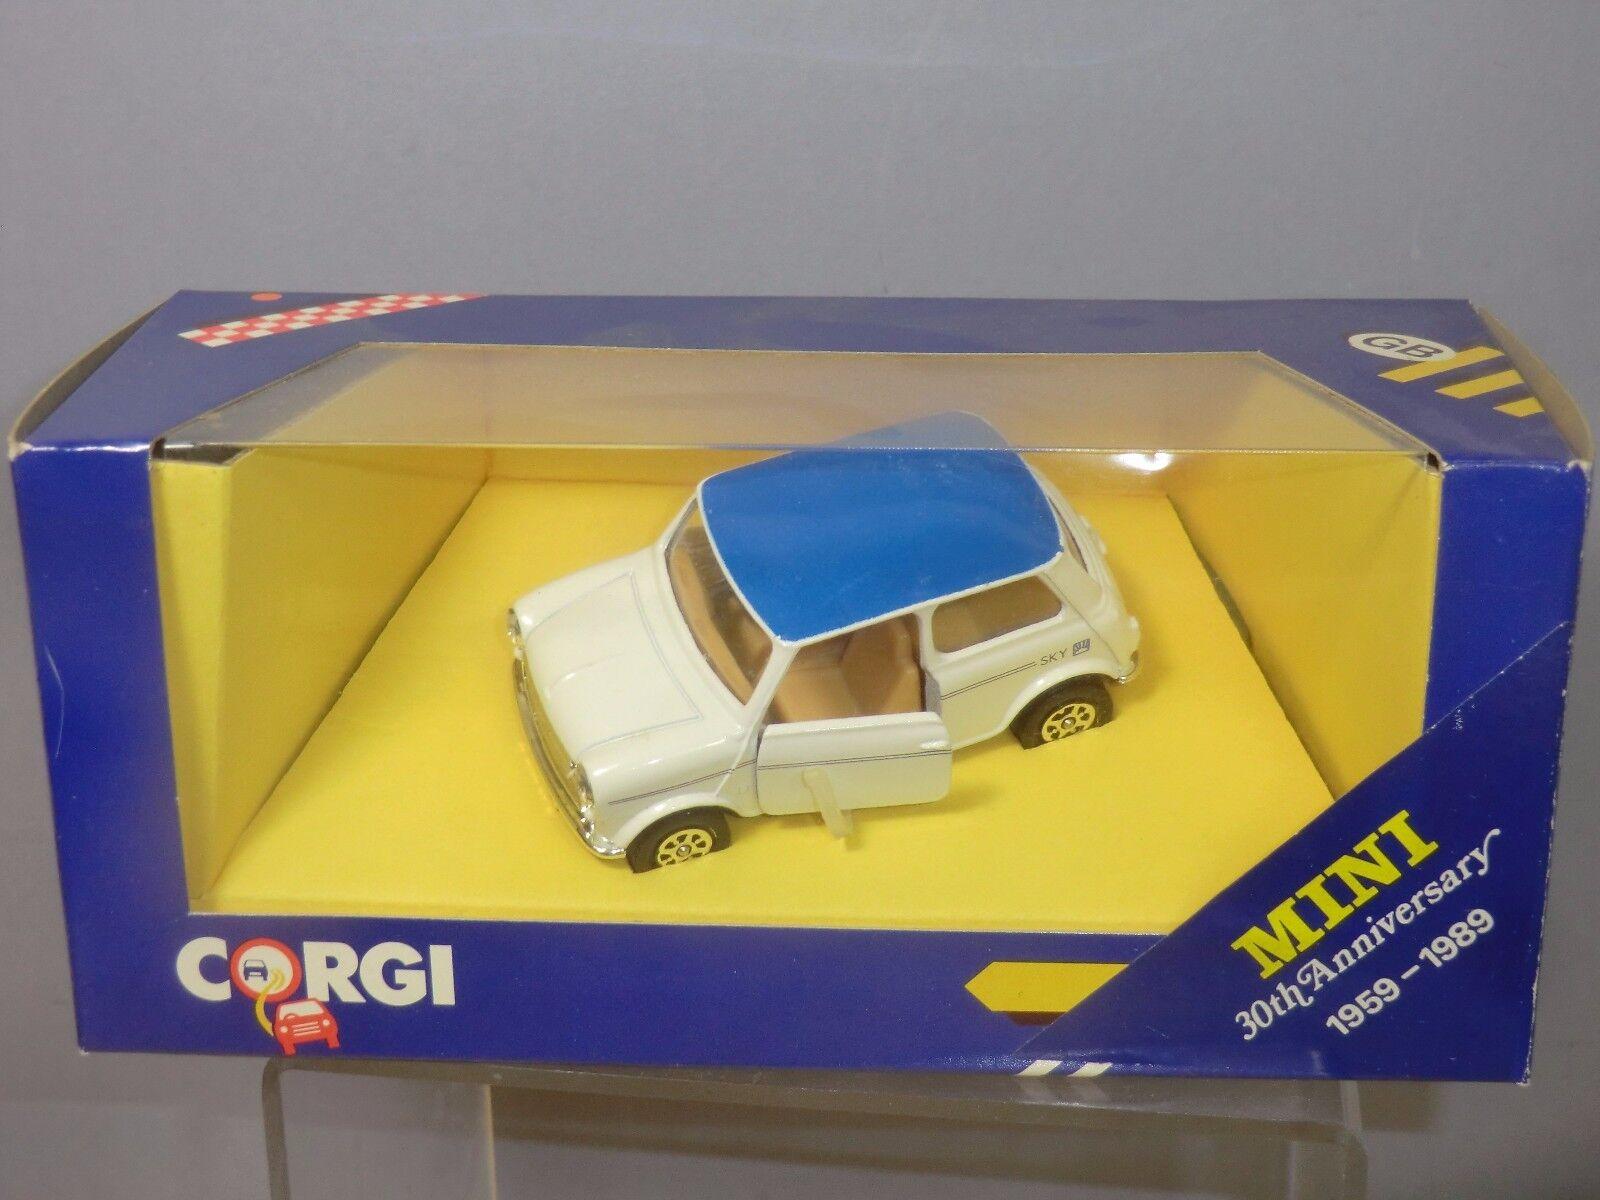 Corgi - modell no.c330 3 mini (30. jahrestag 1959-1989  mib